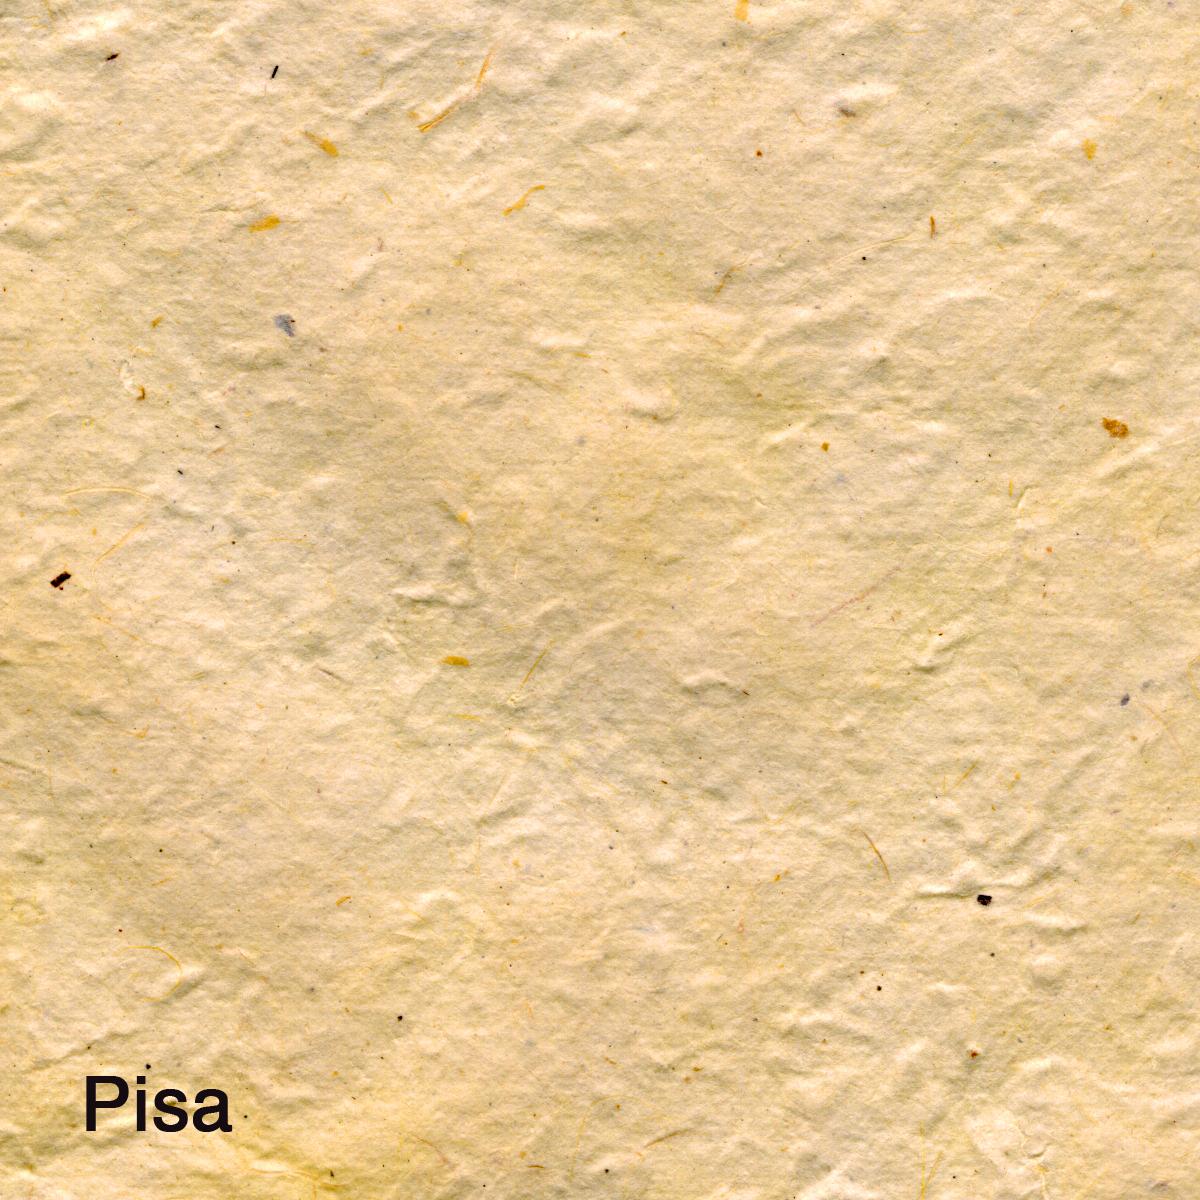 Pisa009.jpg